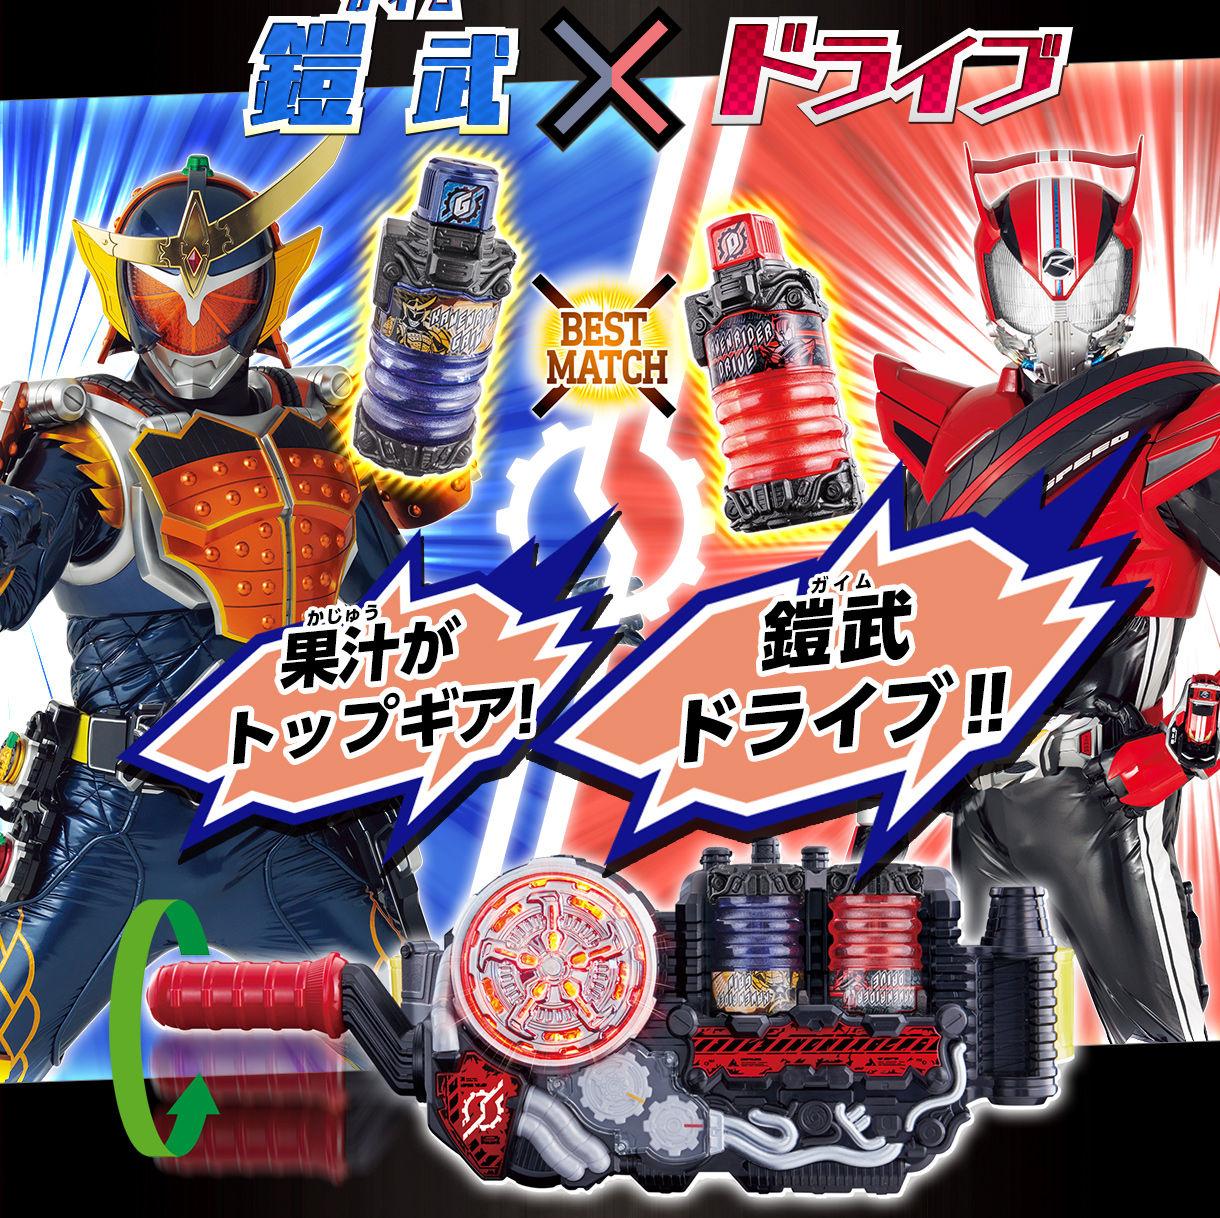 鎧武×ドライブ 果汁がトップギア!鎧武ドライブ!!